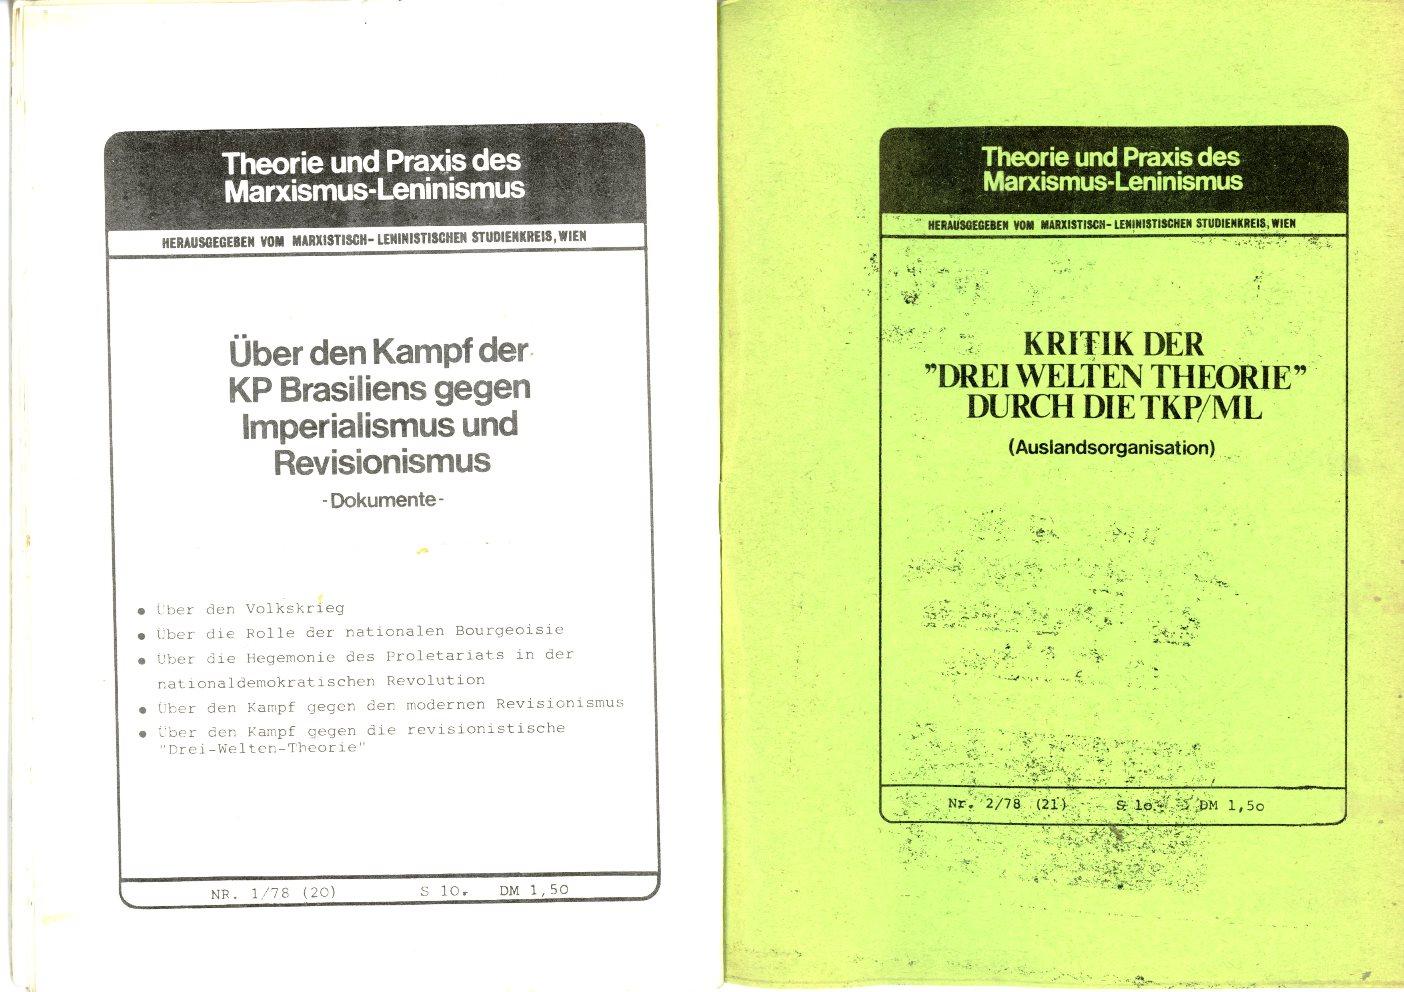 MLSK_Theorie_und_Praxis_des_ML_1978_22_16